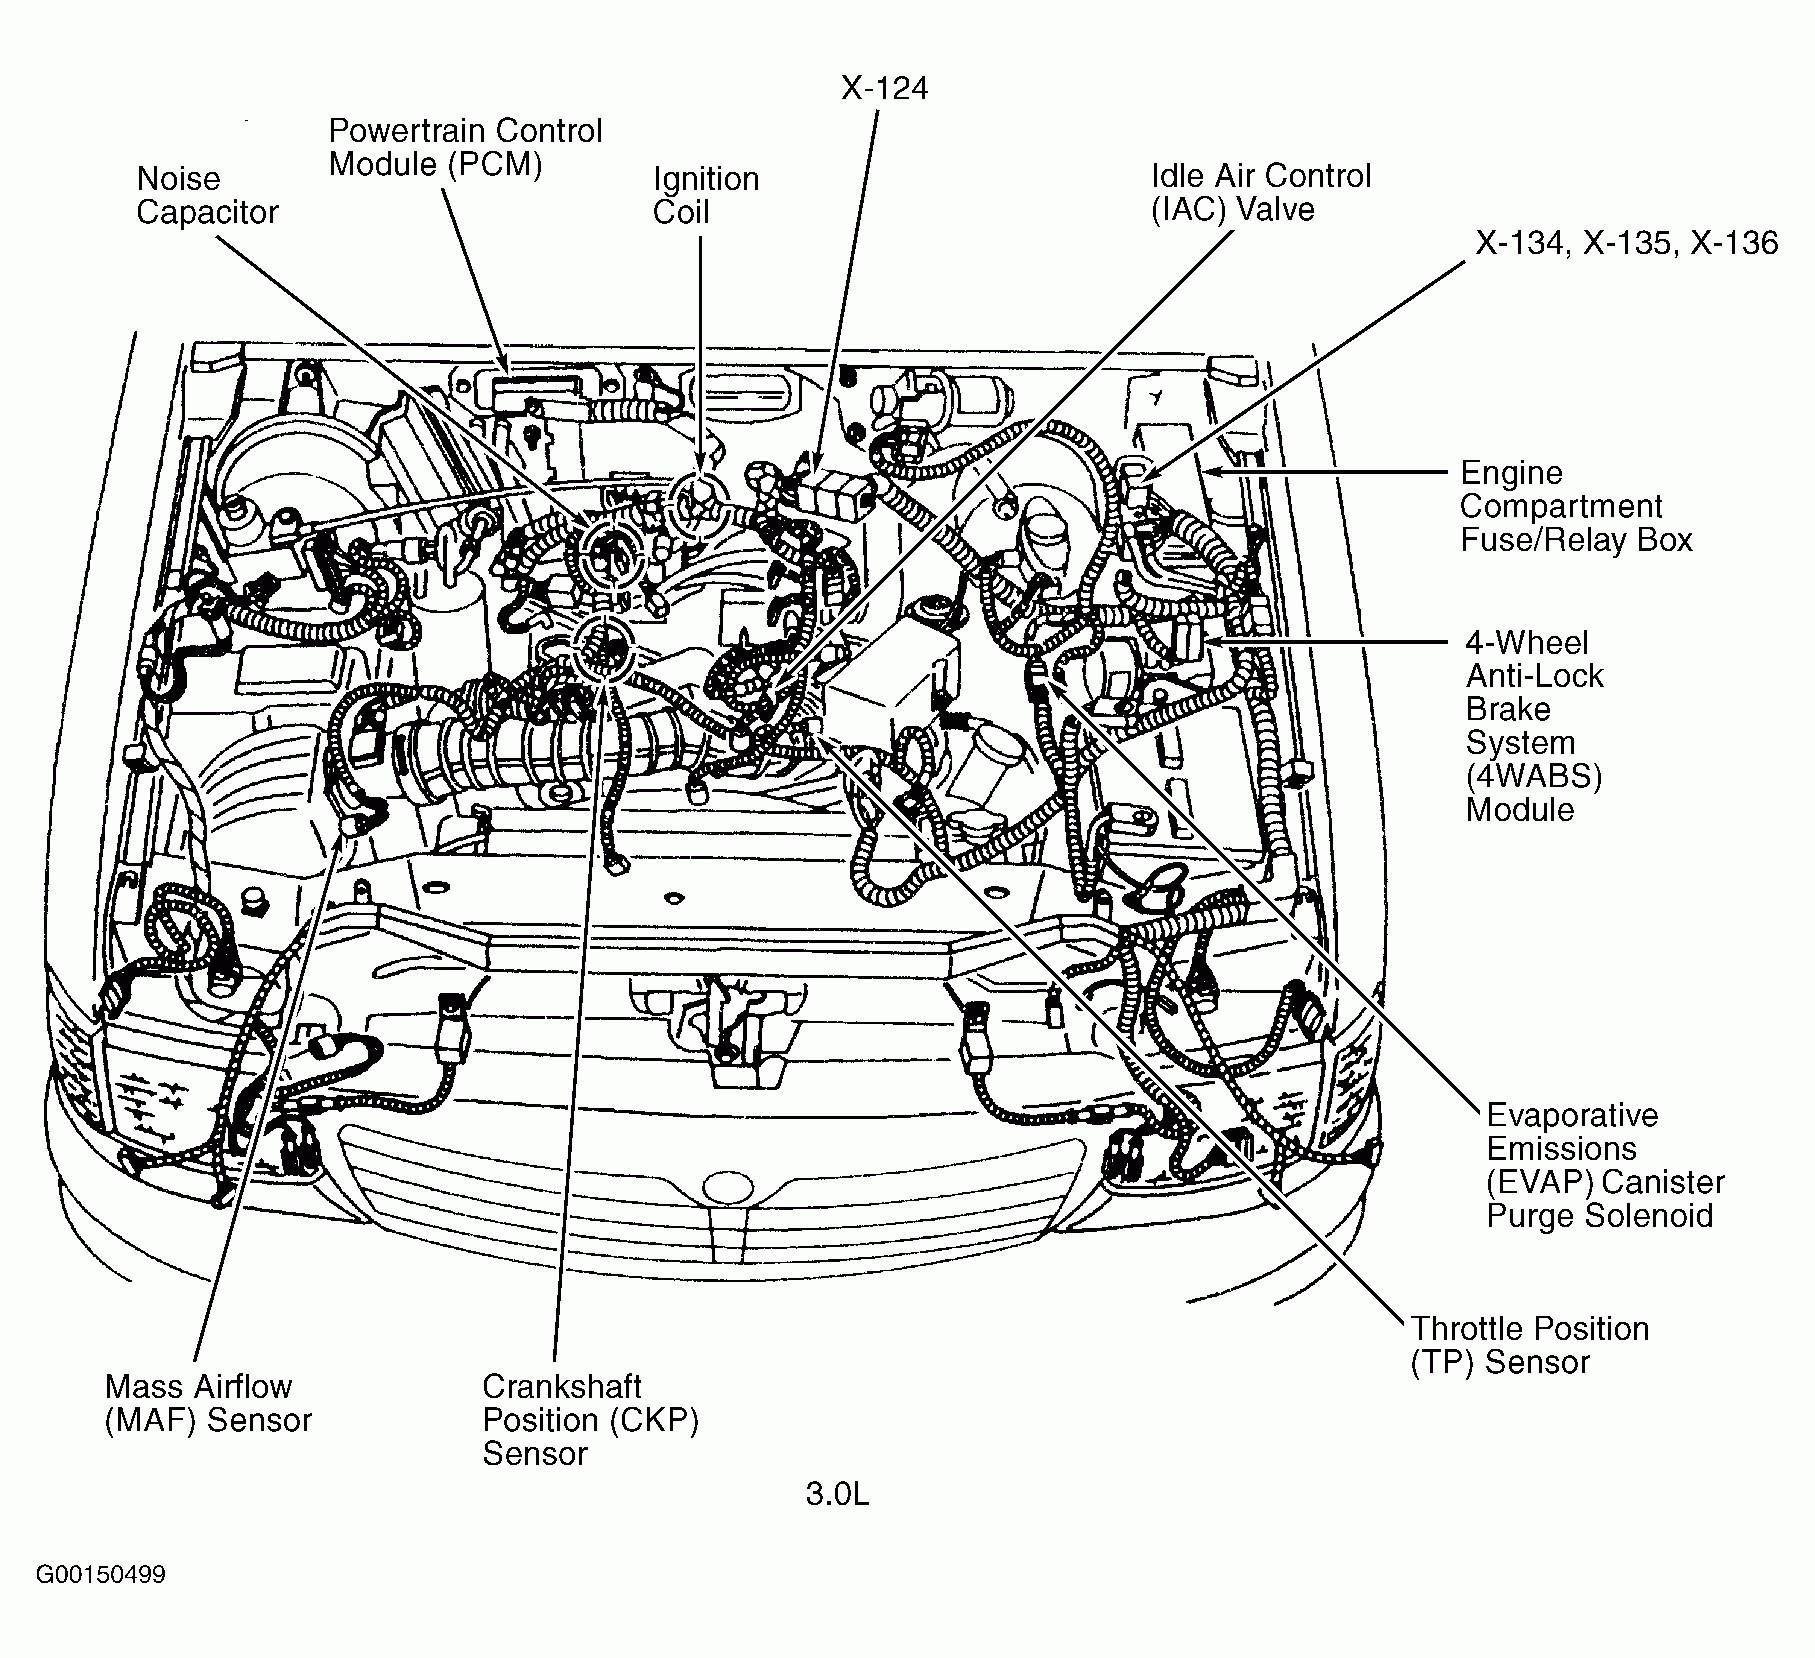 2006 Mini Cooper S Engine Compartment Diagram Mazda 6 Engine Diagram Data Schematics Wiring Diagram • Of 2006 Mini Cooper S Engine Compartment Diagram